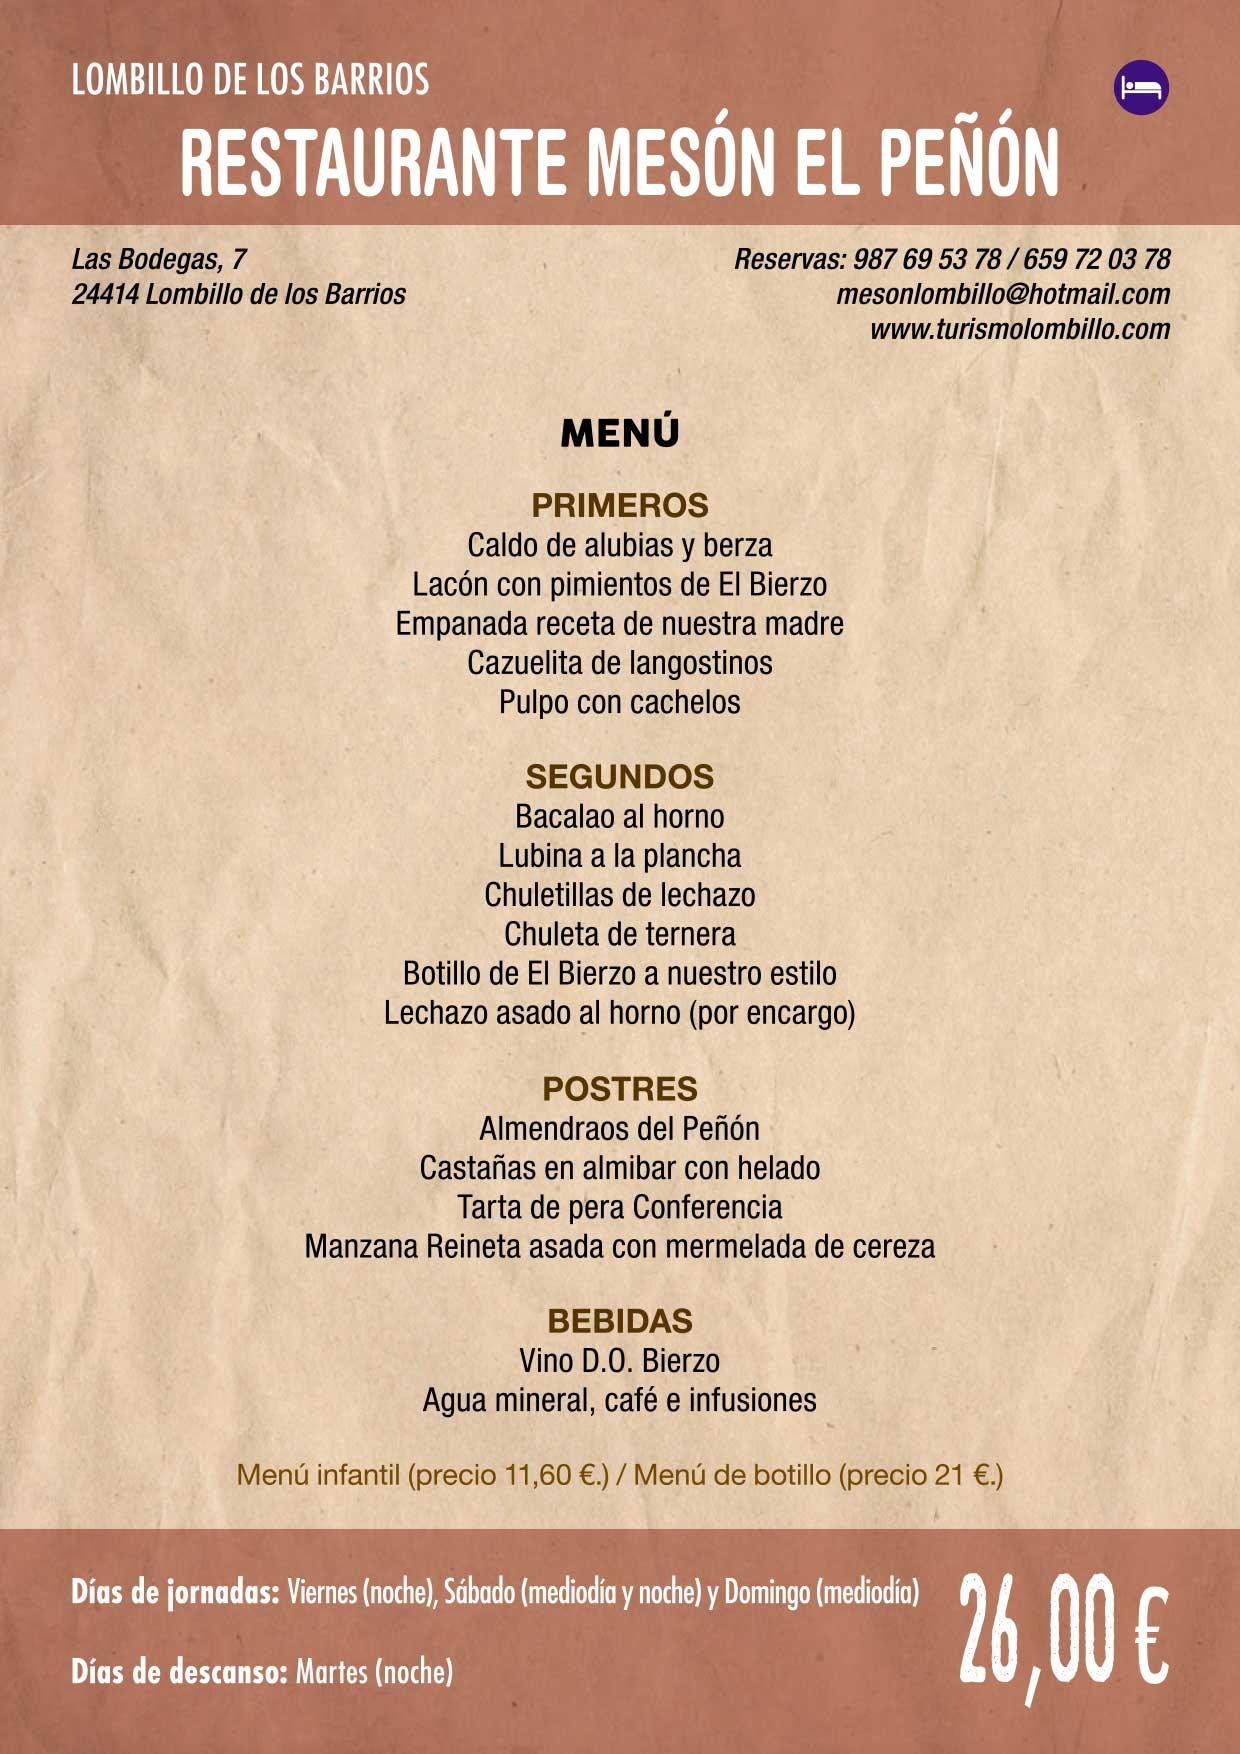 XXXVI Jornadas Gastronómicas De El Bierzo 2020. Consulta los restaurantes y menús 8